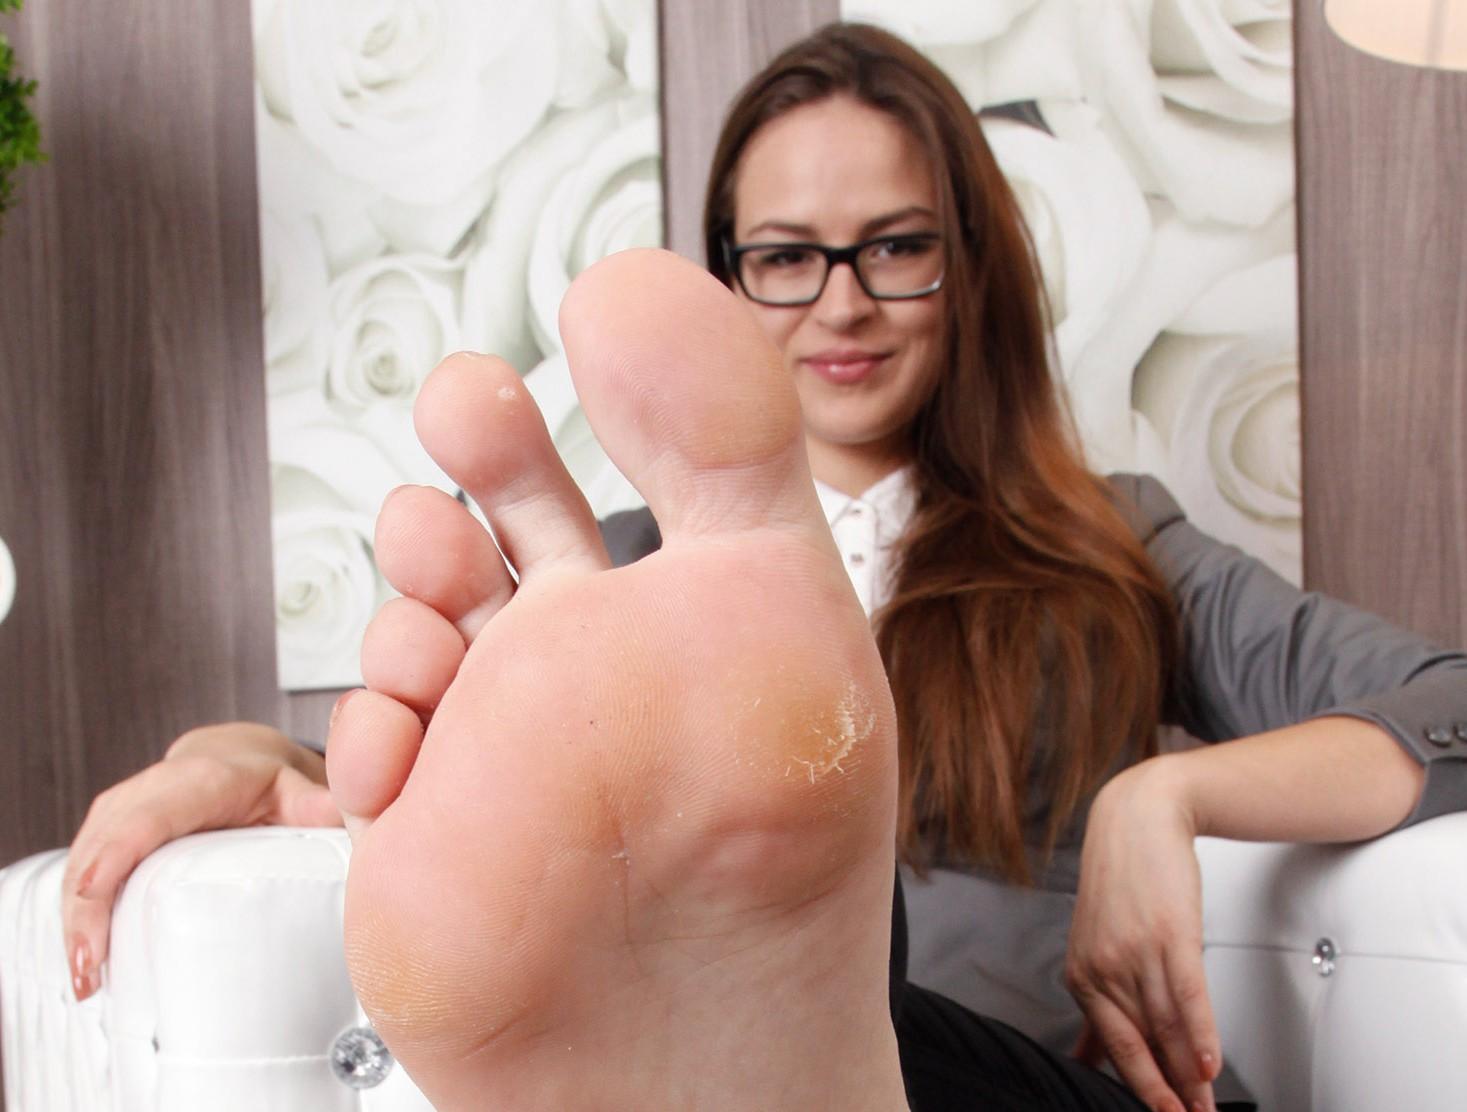 Anfisas Füße für dich